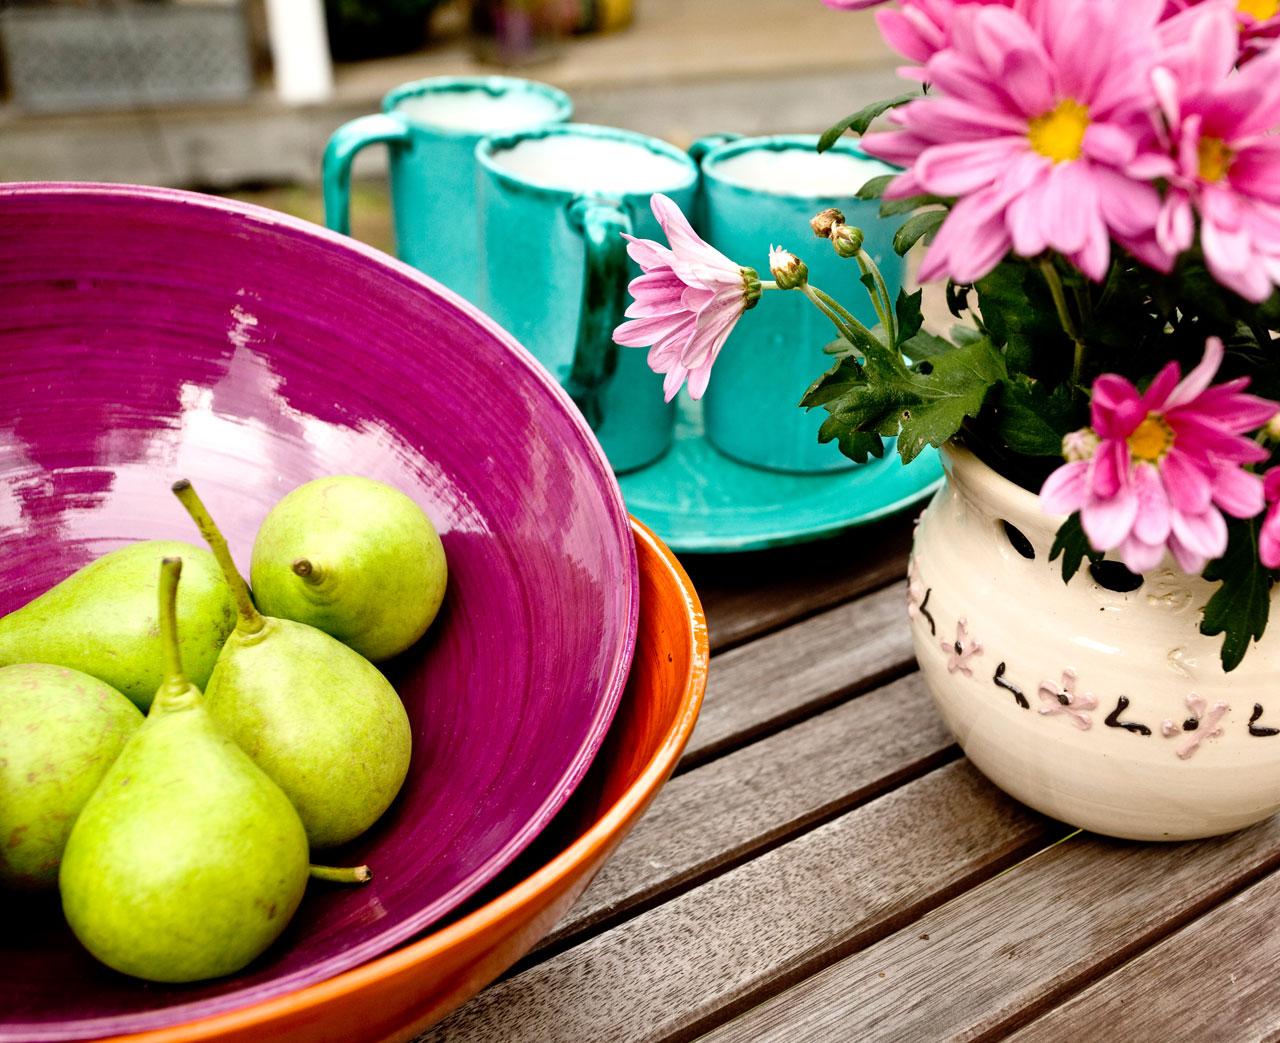 Värejä! Lilassa bambukulhossa on päärynöitä. Posliiniastiat on ostettu markkinoilta Espanjasta.